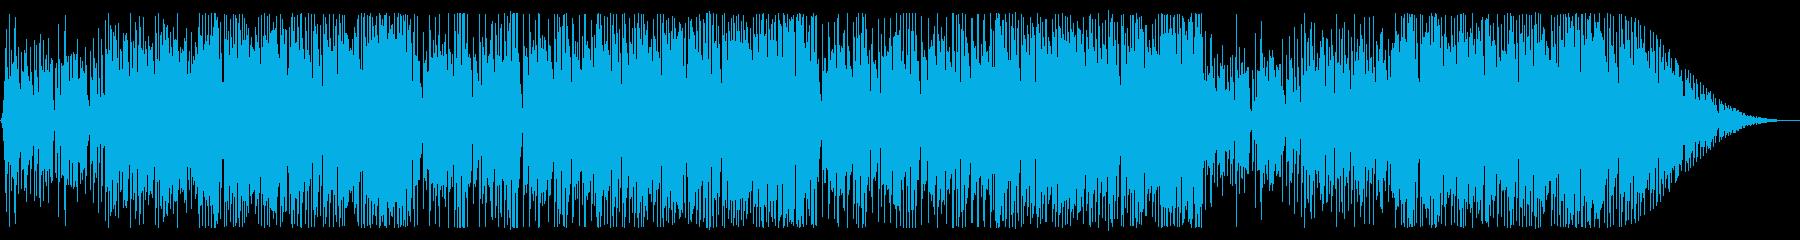 キュート&ポップでエモいEDM別Ver.の再生済みの波形